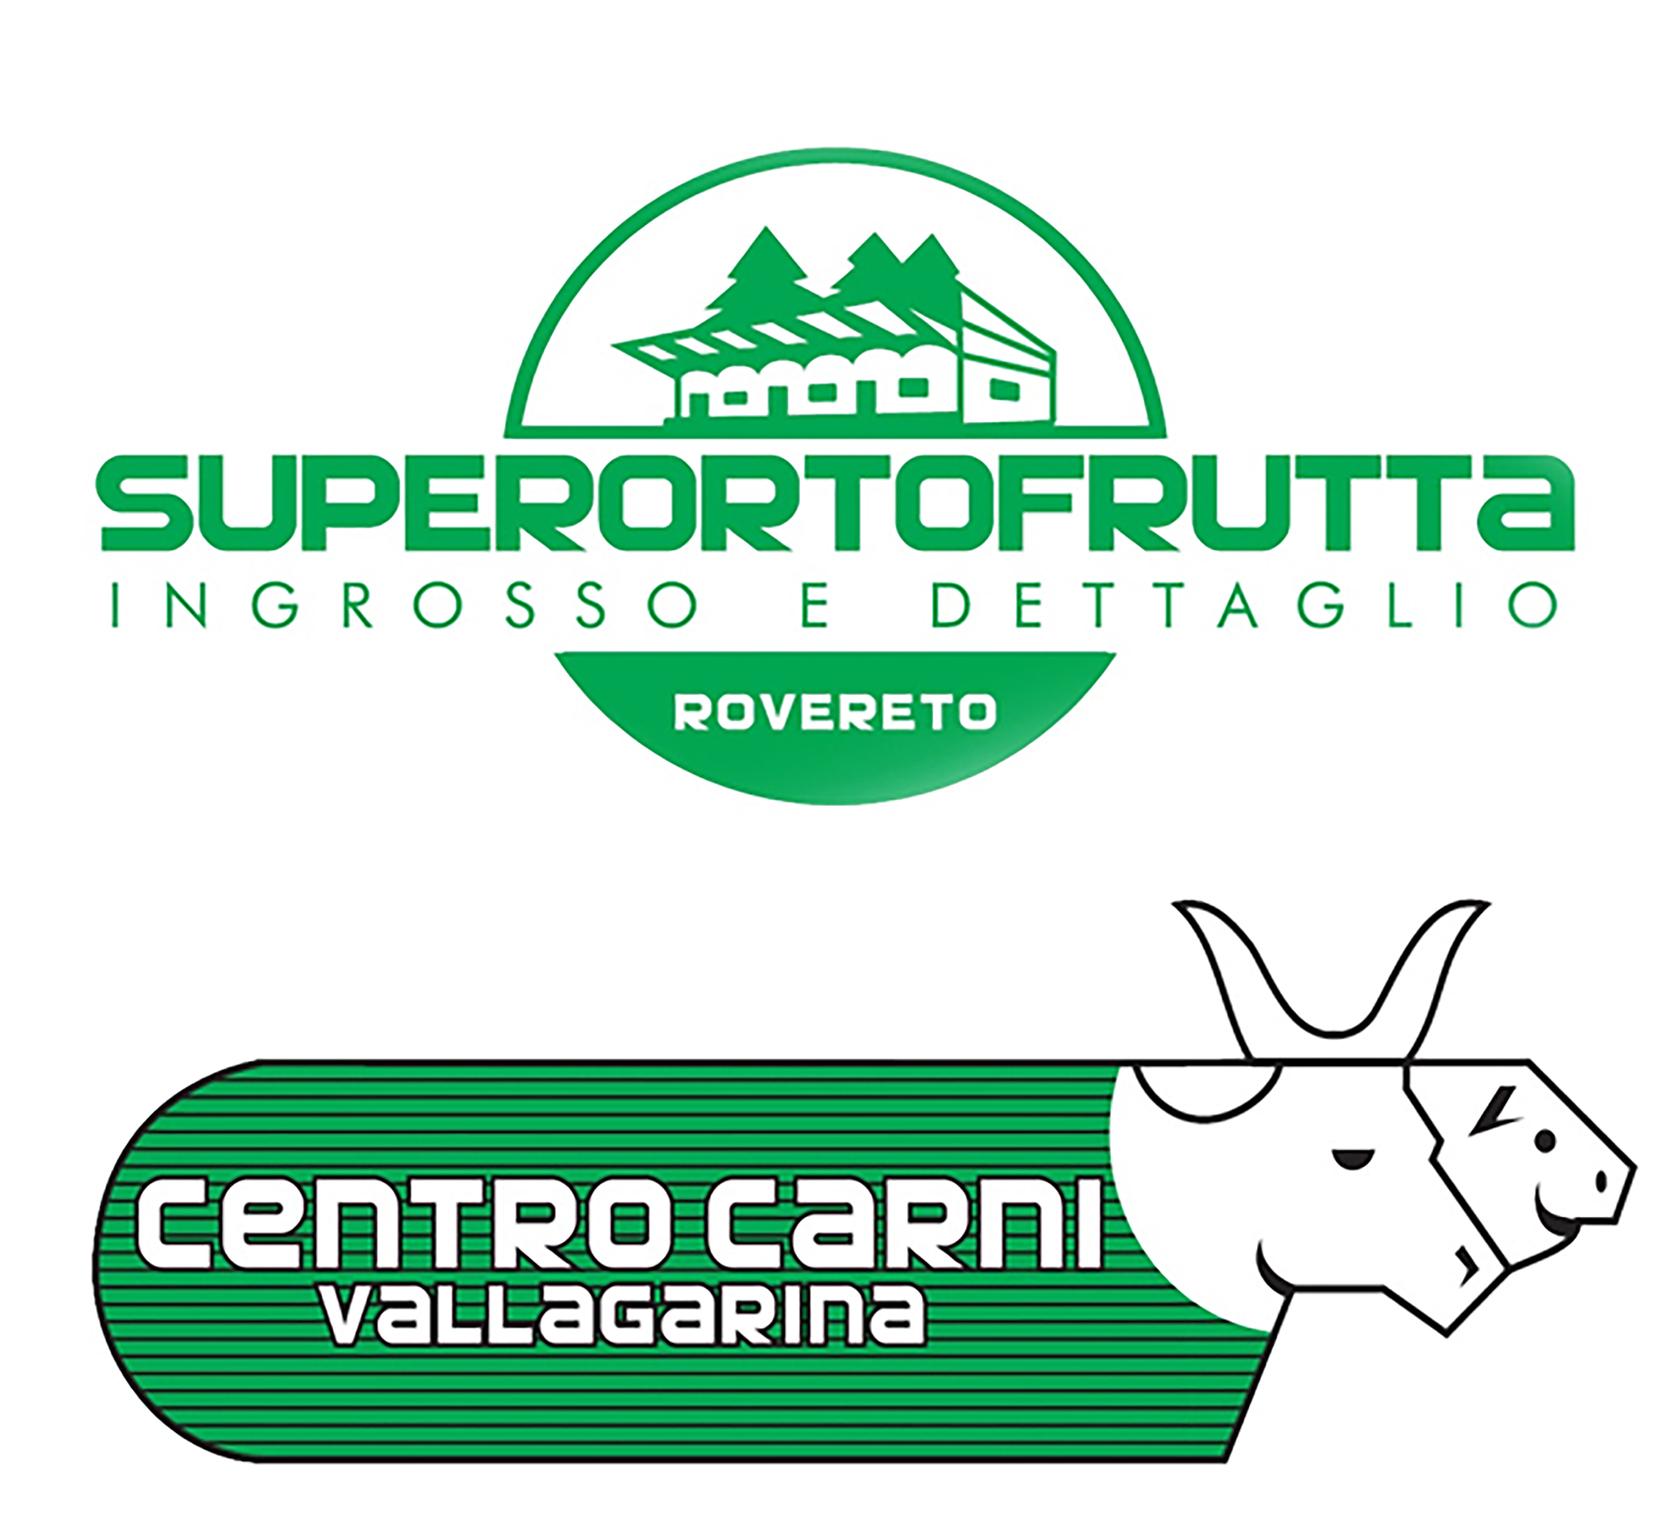 Super Ortofrutta - CentroCarni Rovereto - Trento - Trentino